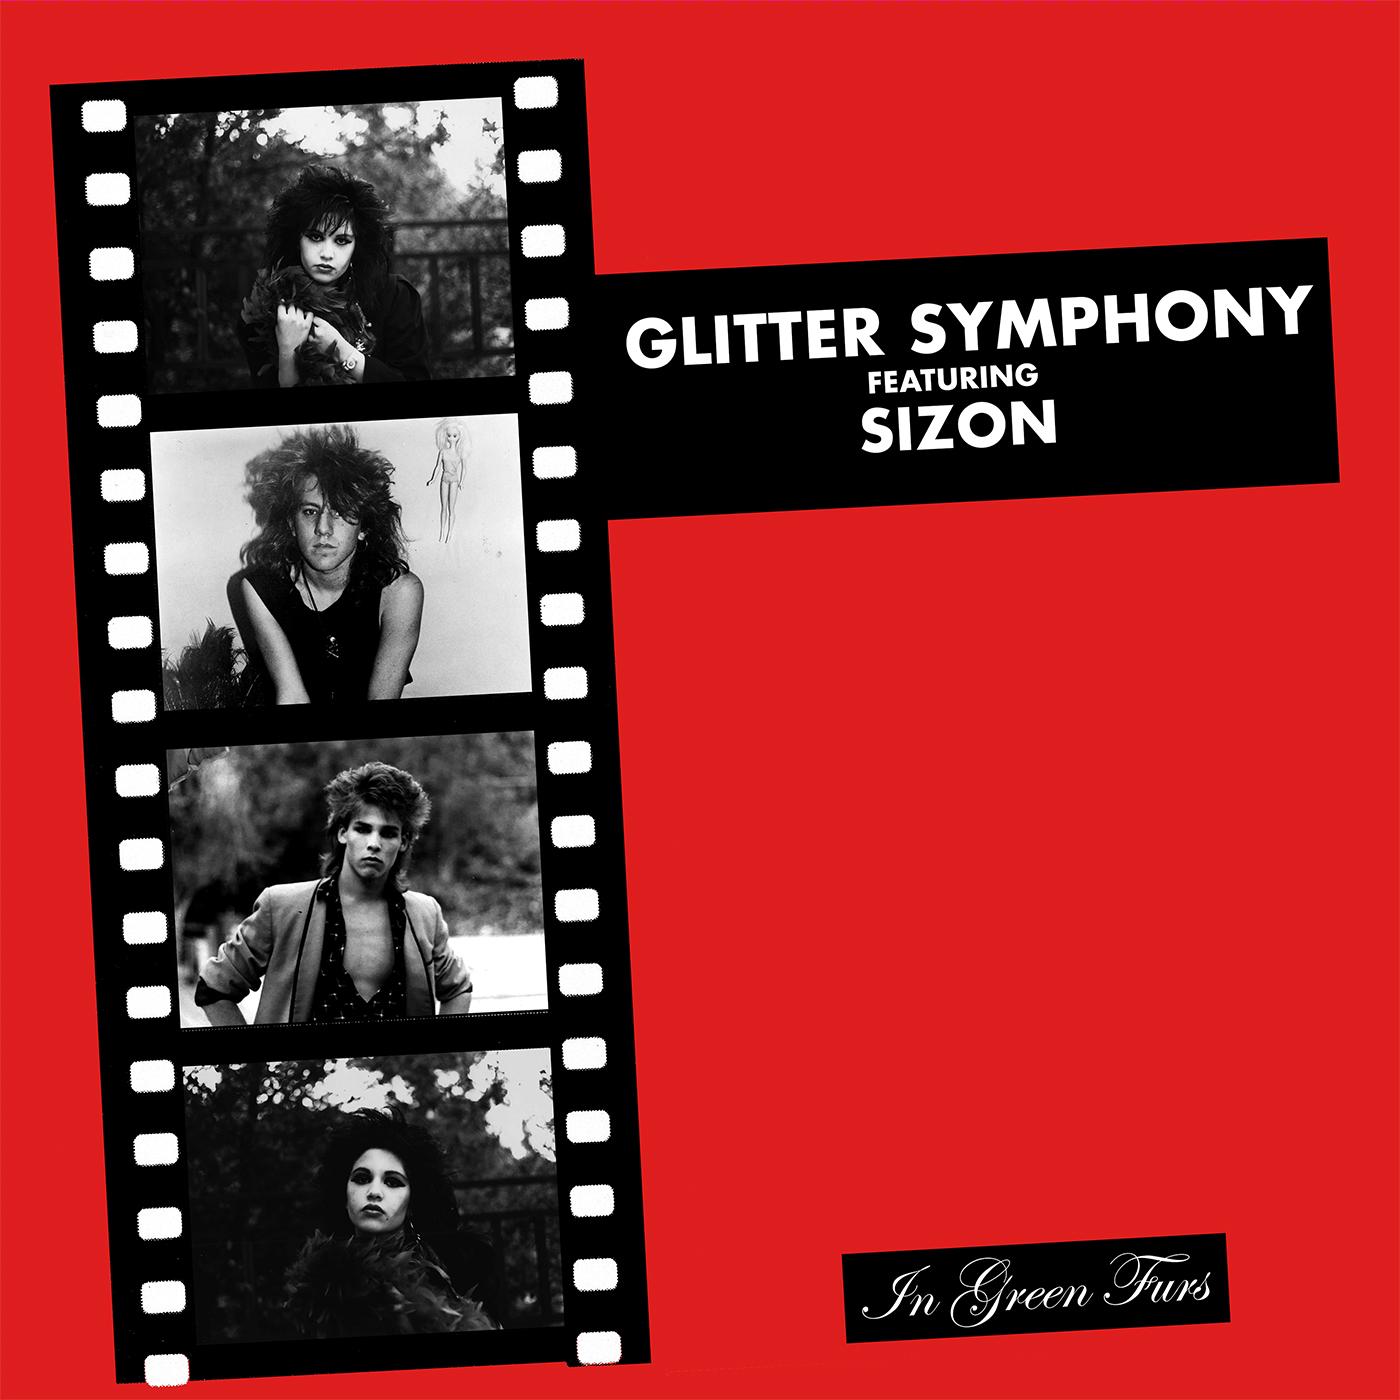 Glitter Symphony